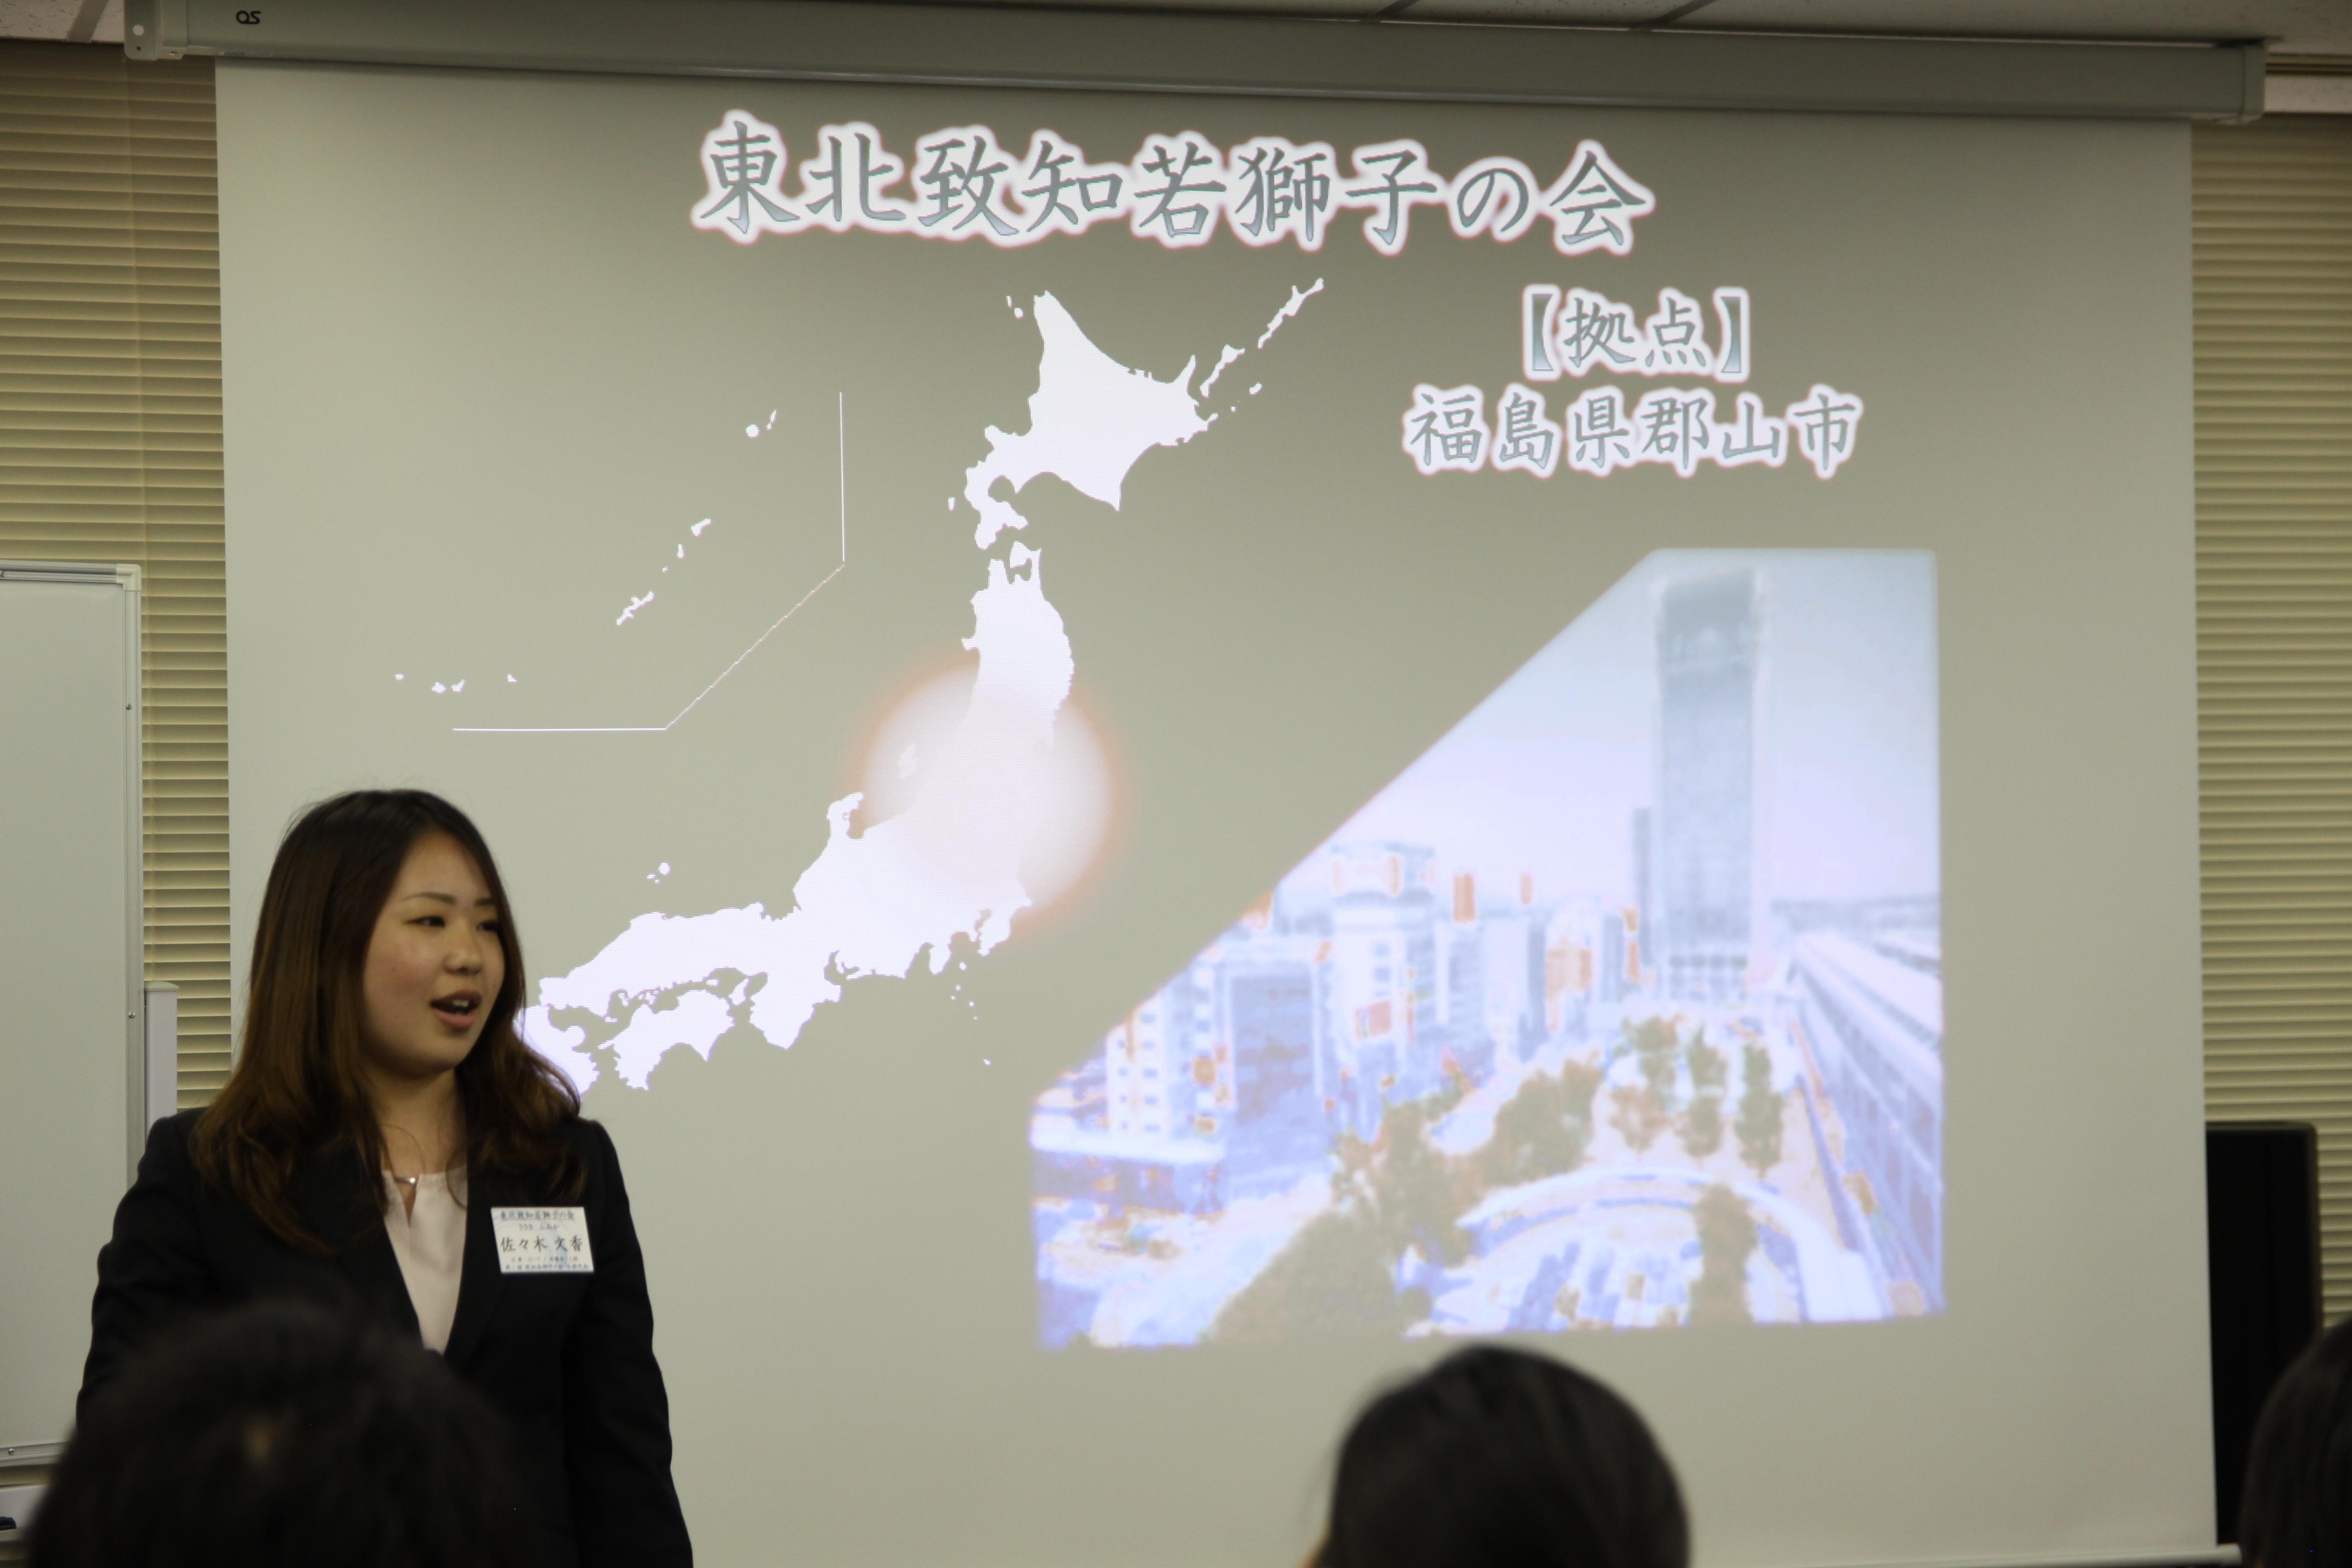 IMG 4640 - 関東若獅子の会、記念すべき第100回